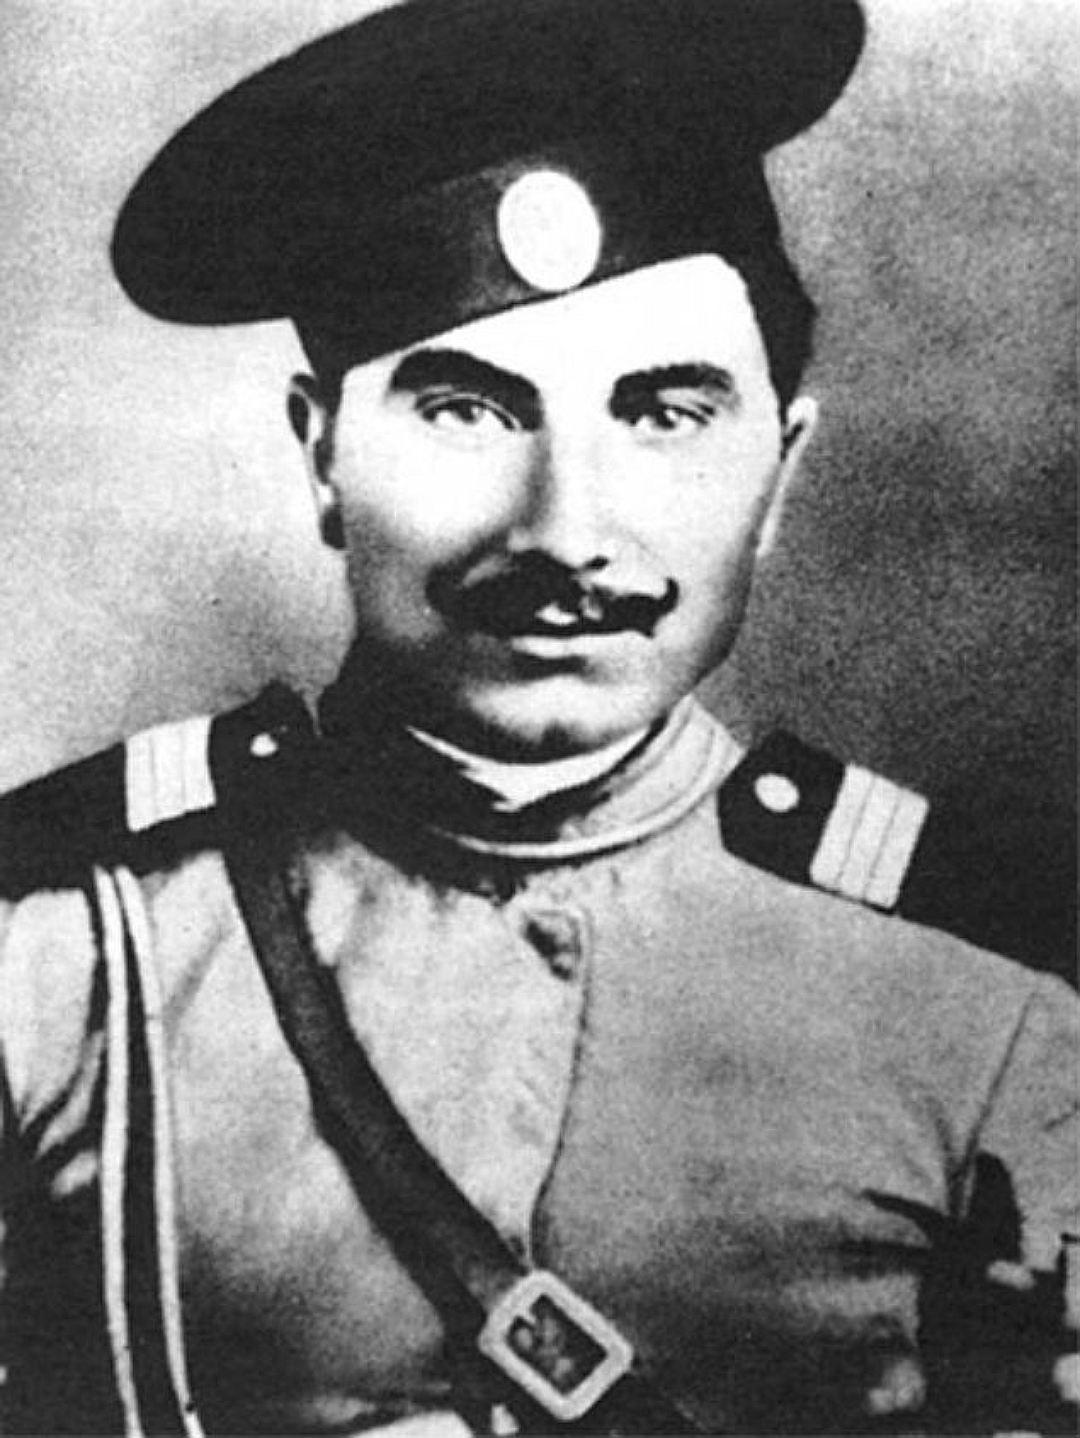 Буденный Семен Михайлович в звании унтер-офицера